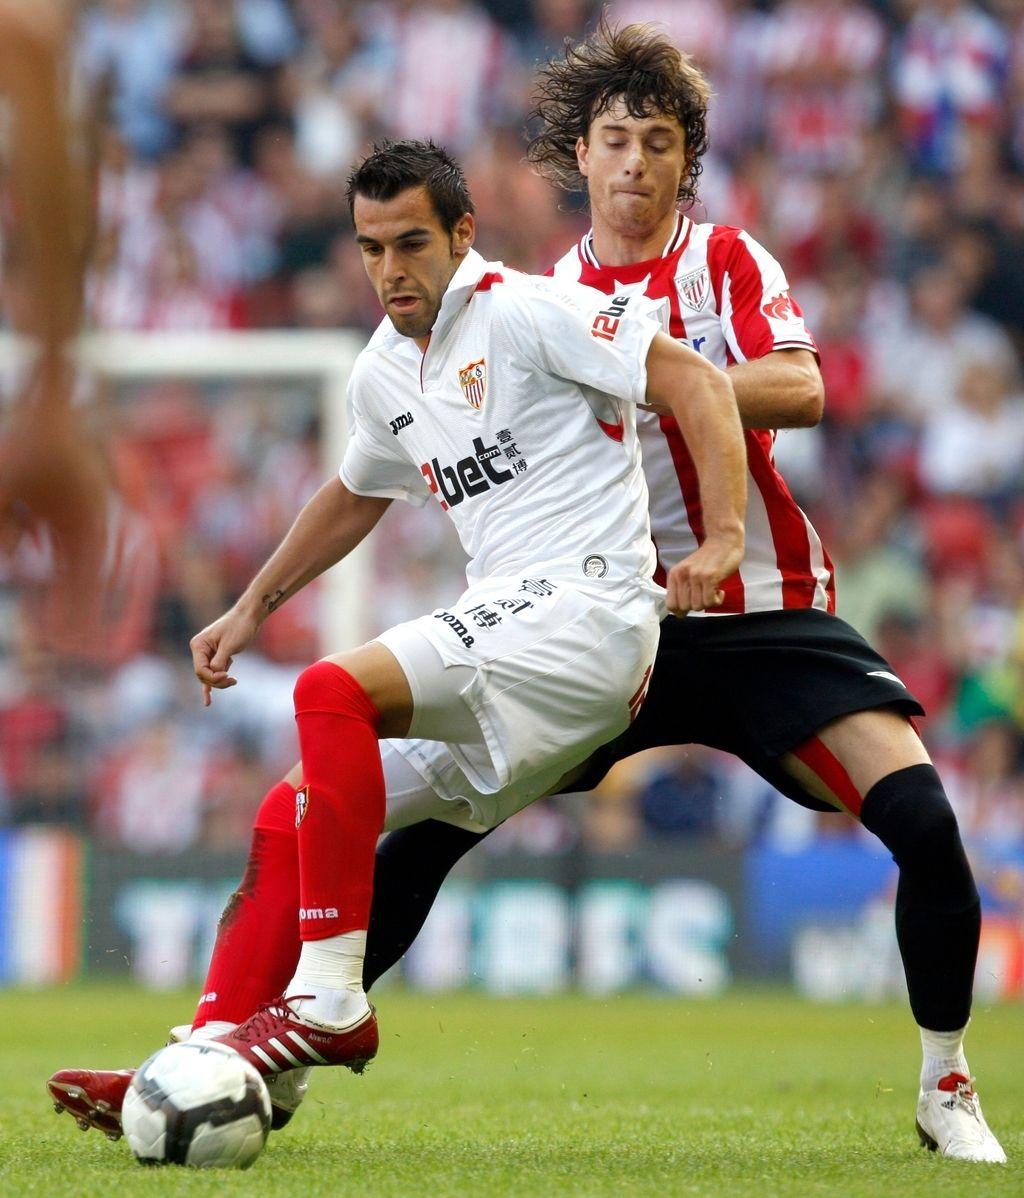 Partido entre Sevilla y Athletic Bilbao